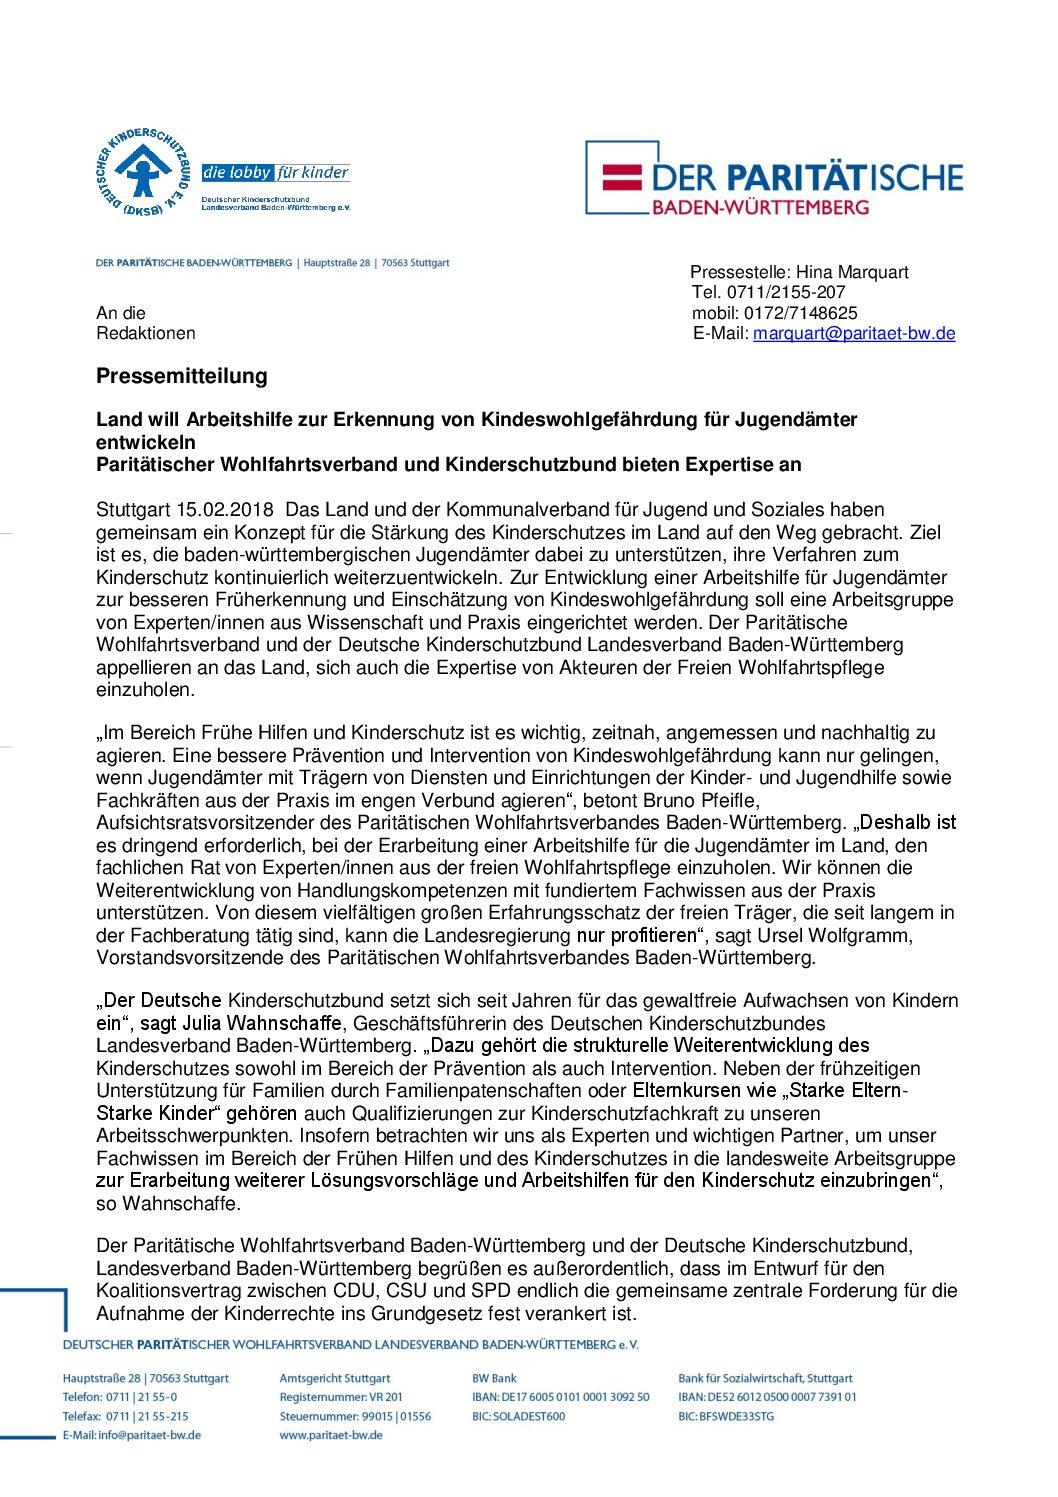 Deutscher Kinderschutzbund Landesverband Baden-Württemberg e.V. on